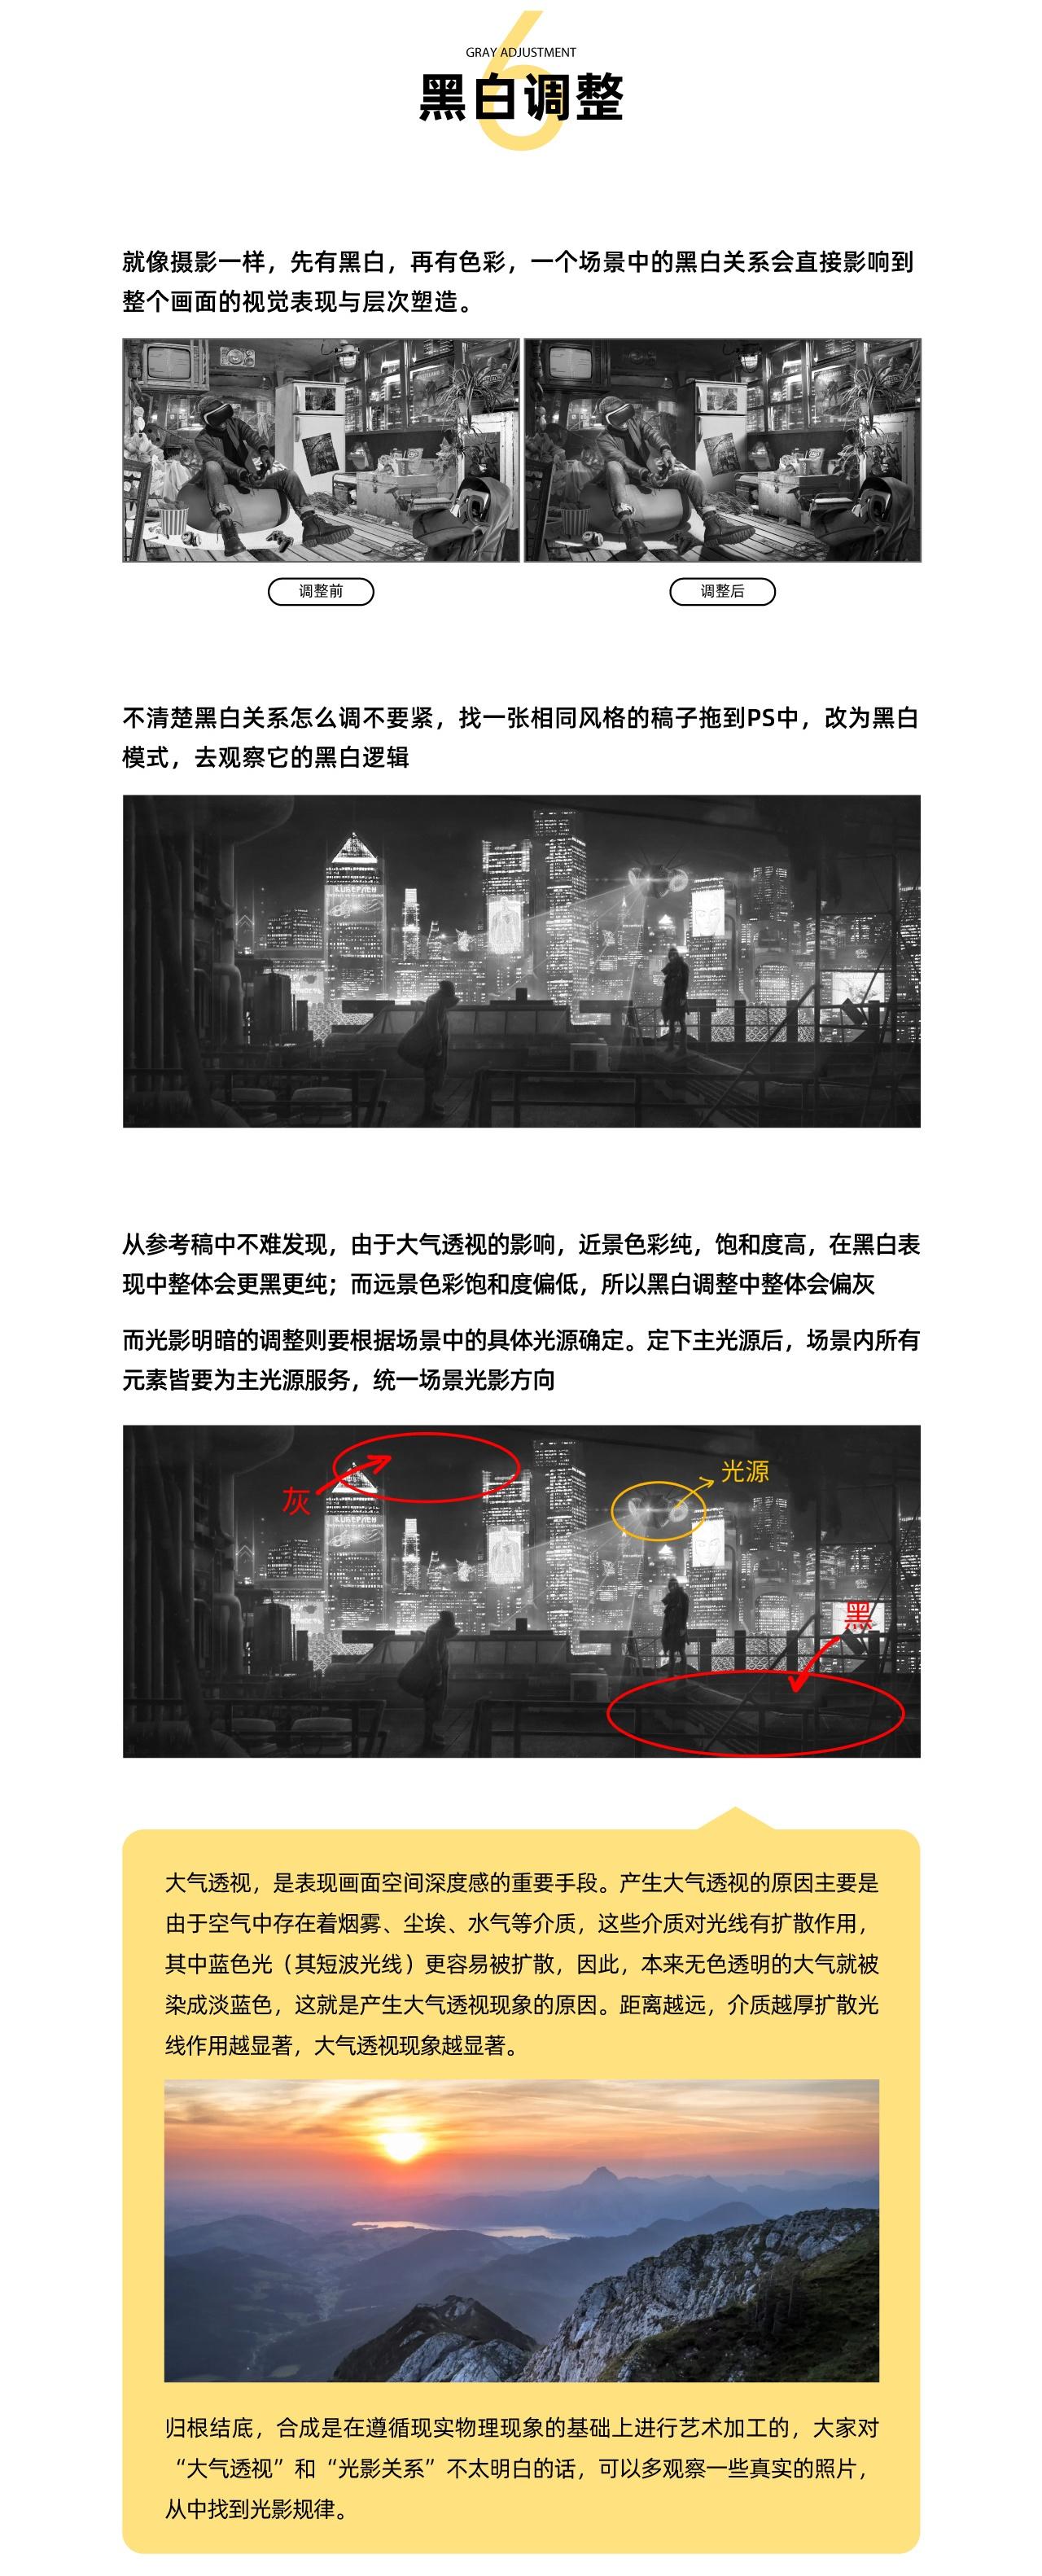 赛博朋克风格案例!「商业合成海报」从构思到成品的全流程解析